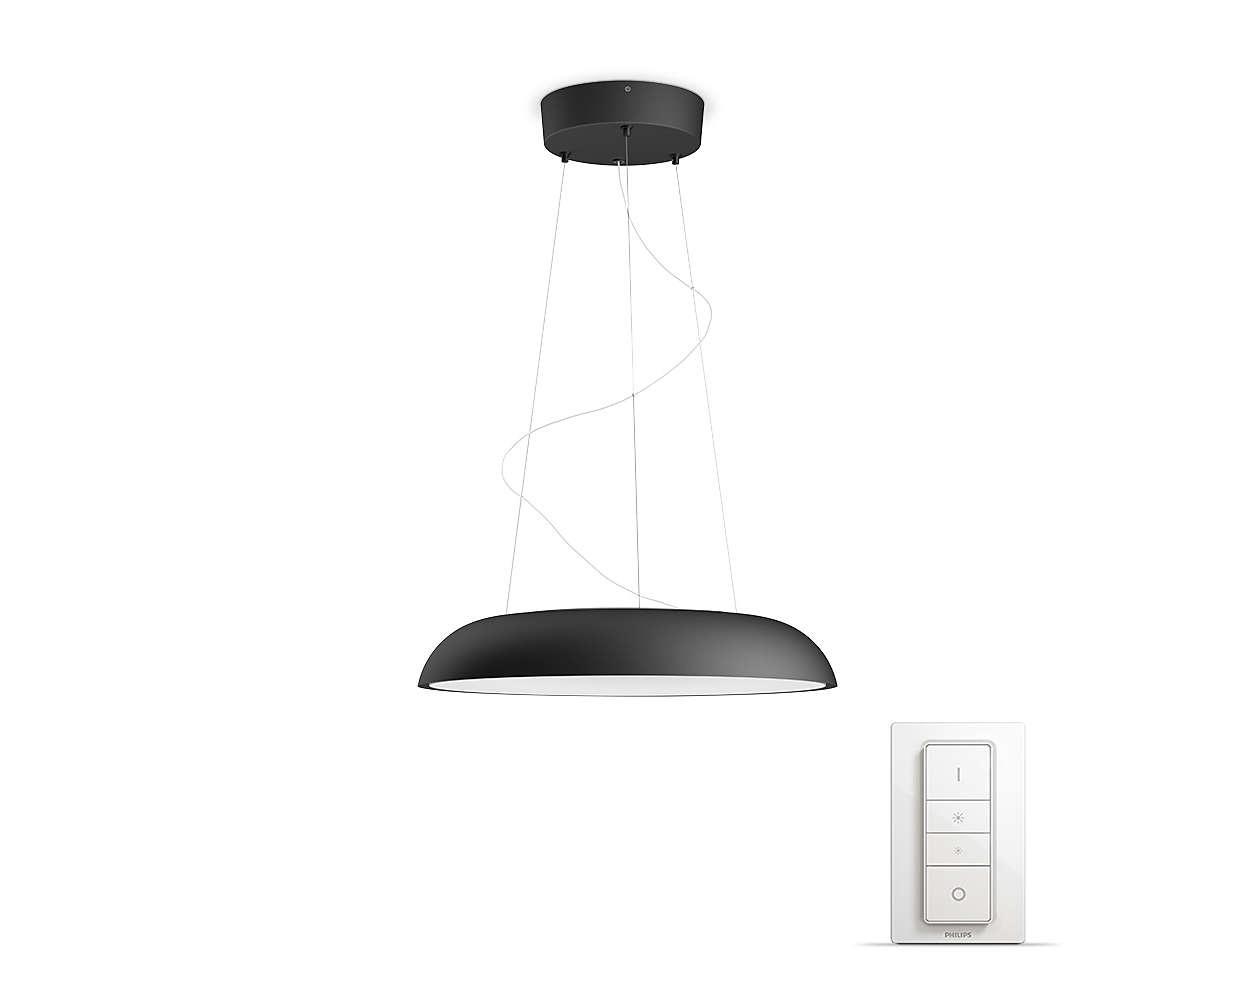 PHILIPS Amaze Závěsné svítidlo, Hue White ambiance, 230V, 1x39W integ.LED, Černá